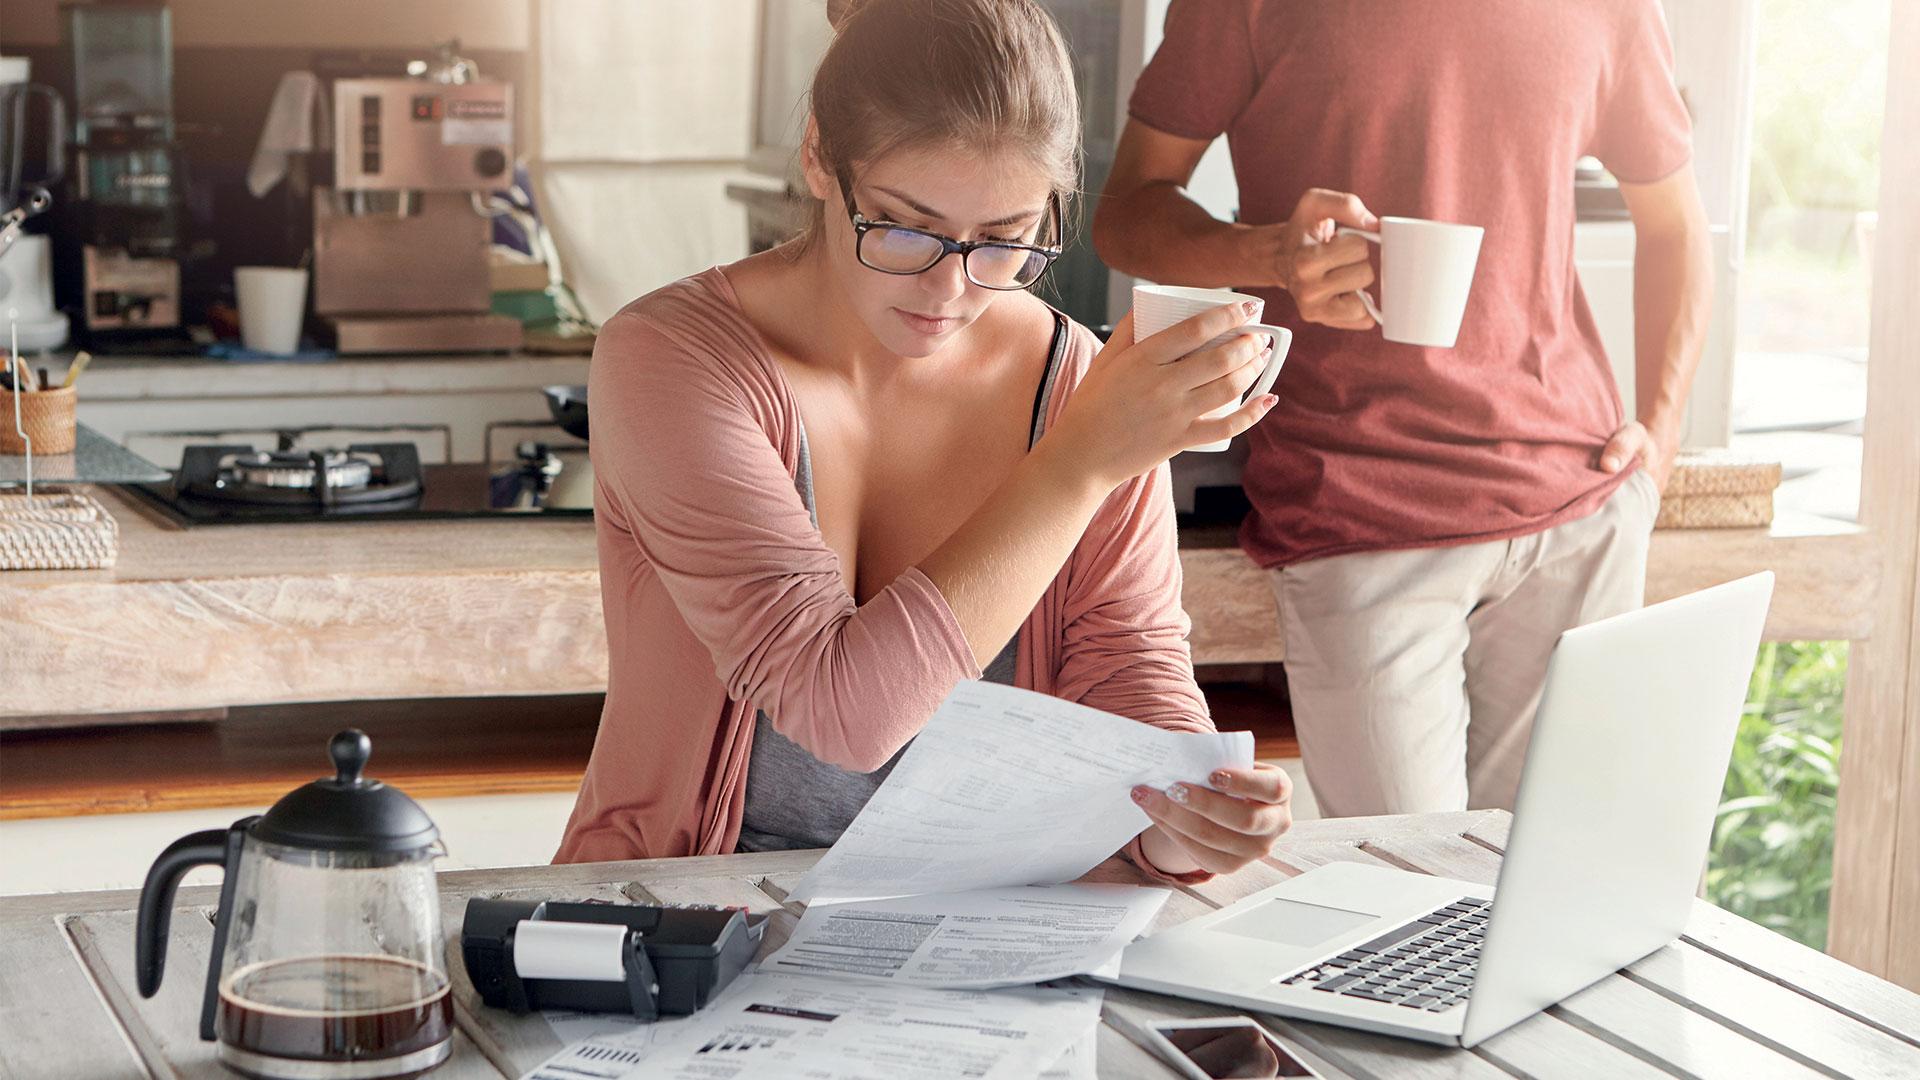 schuldsaldoverzekering hasselt